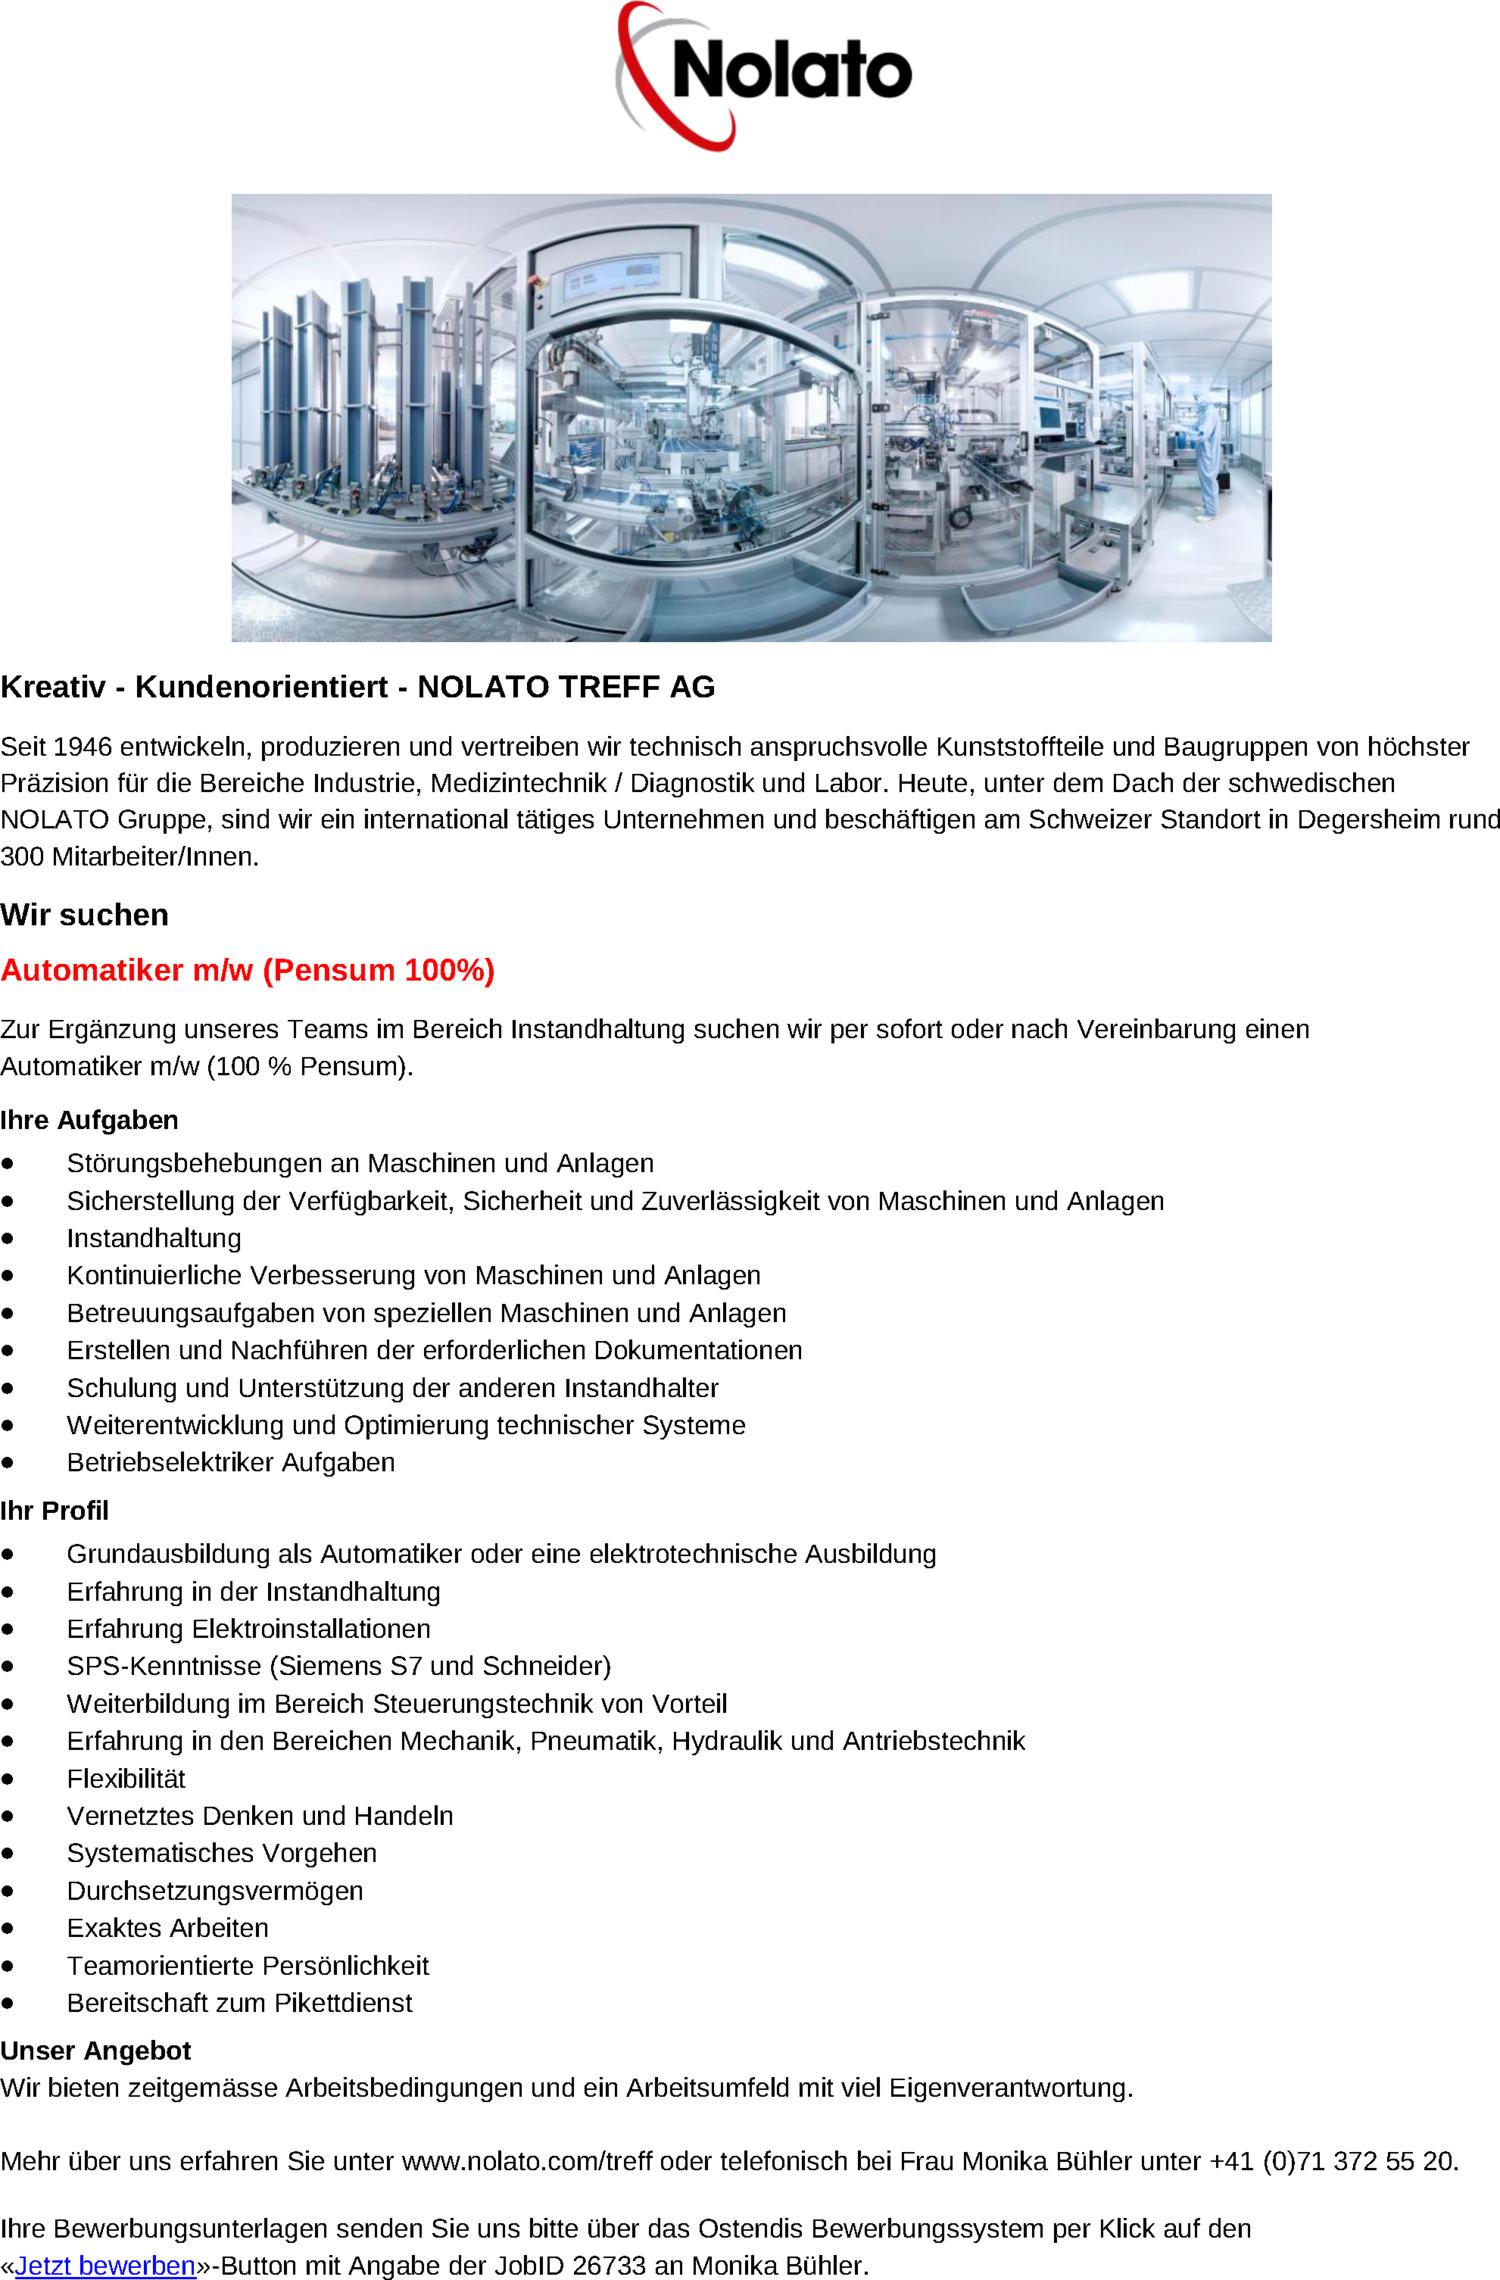 Inserat Automatiker m/w (Pensum 100%)